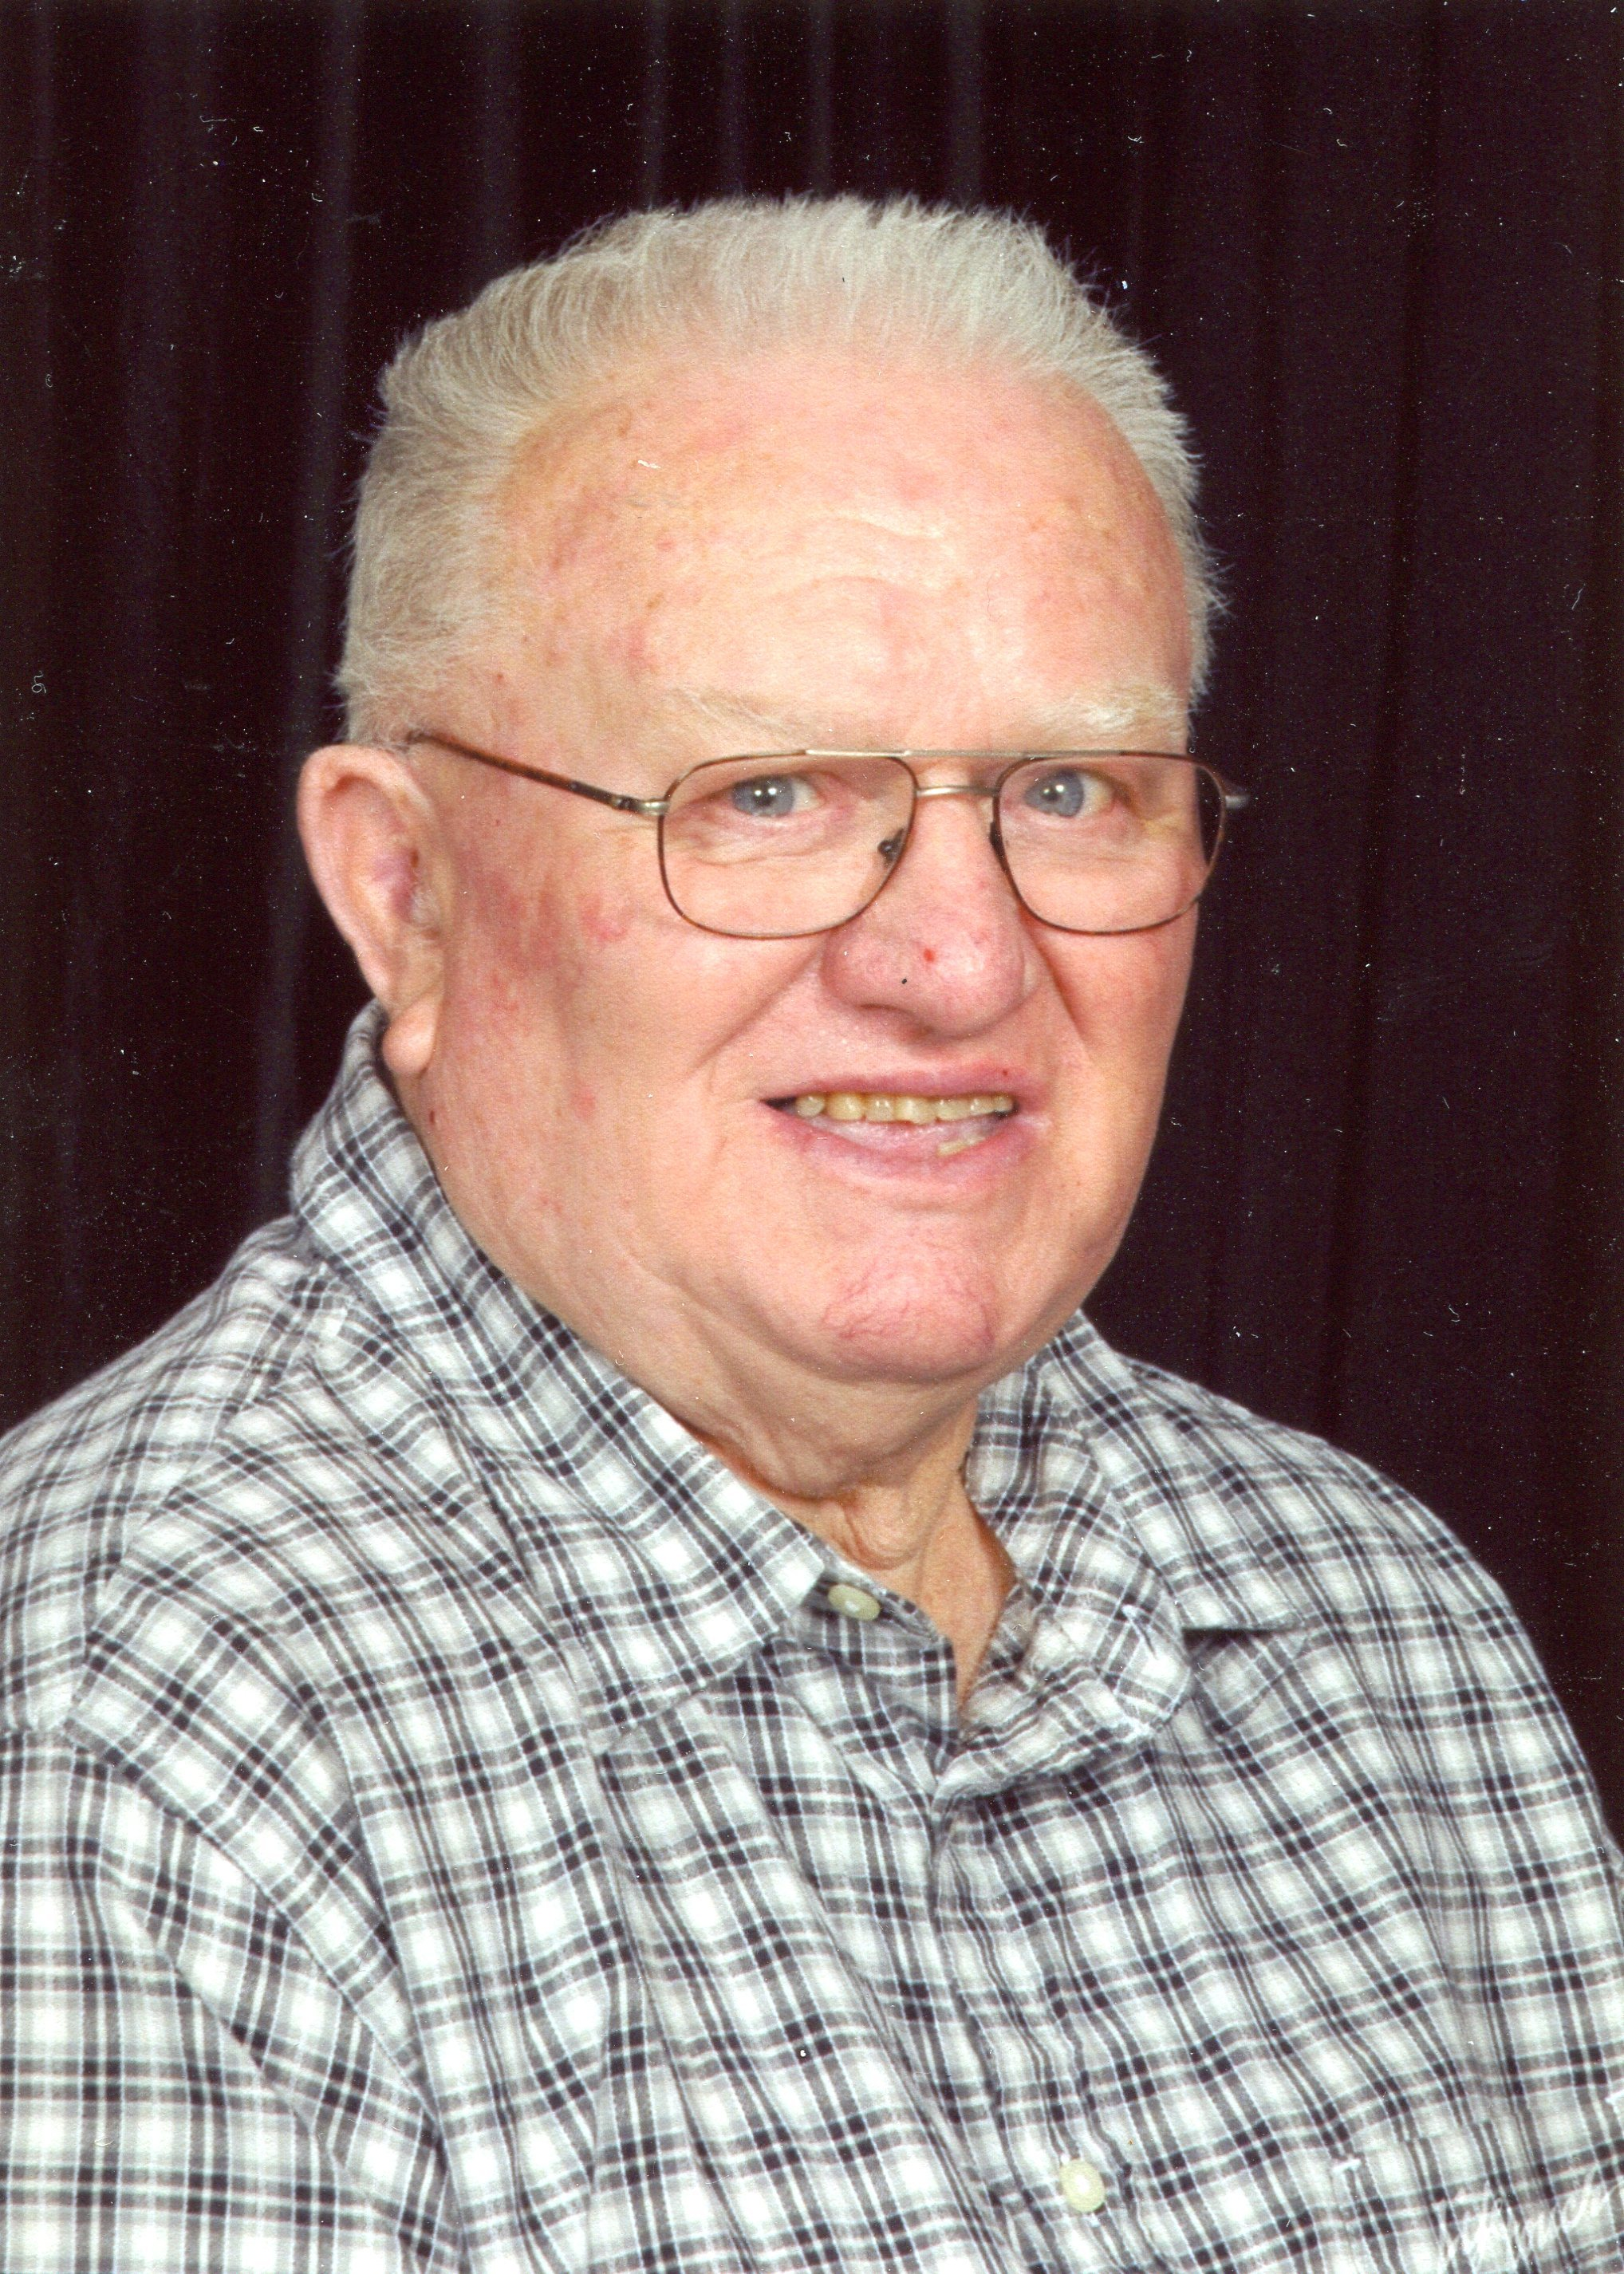 Jerry C. Marquardt